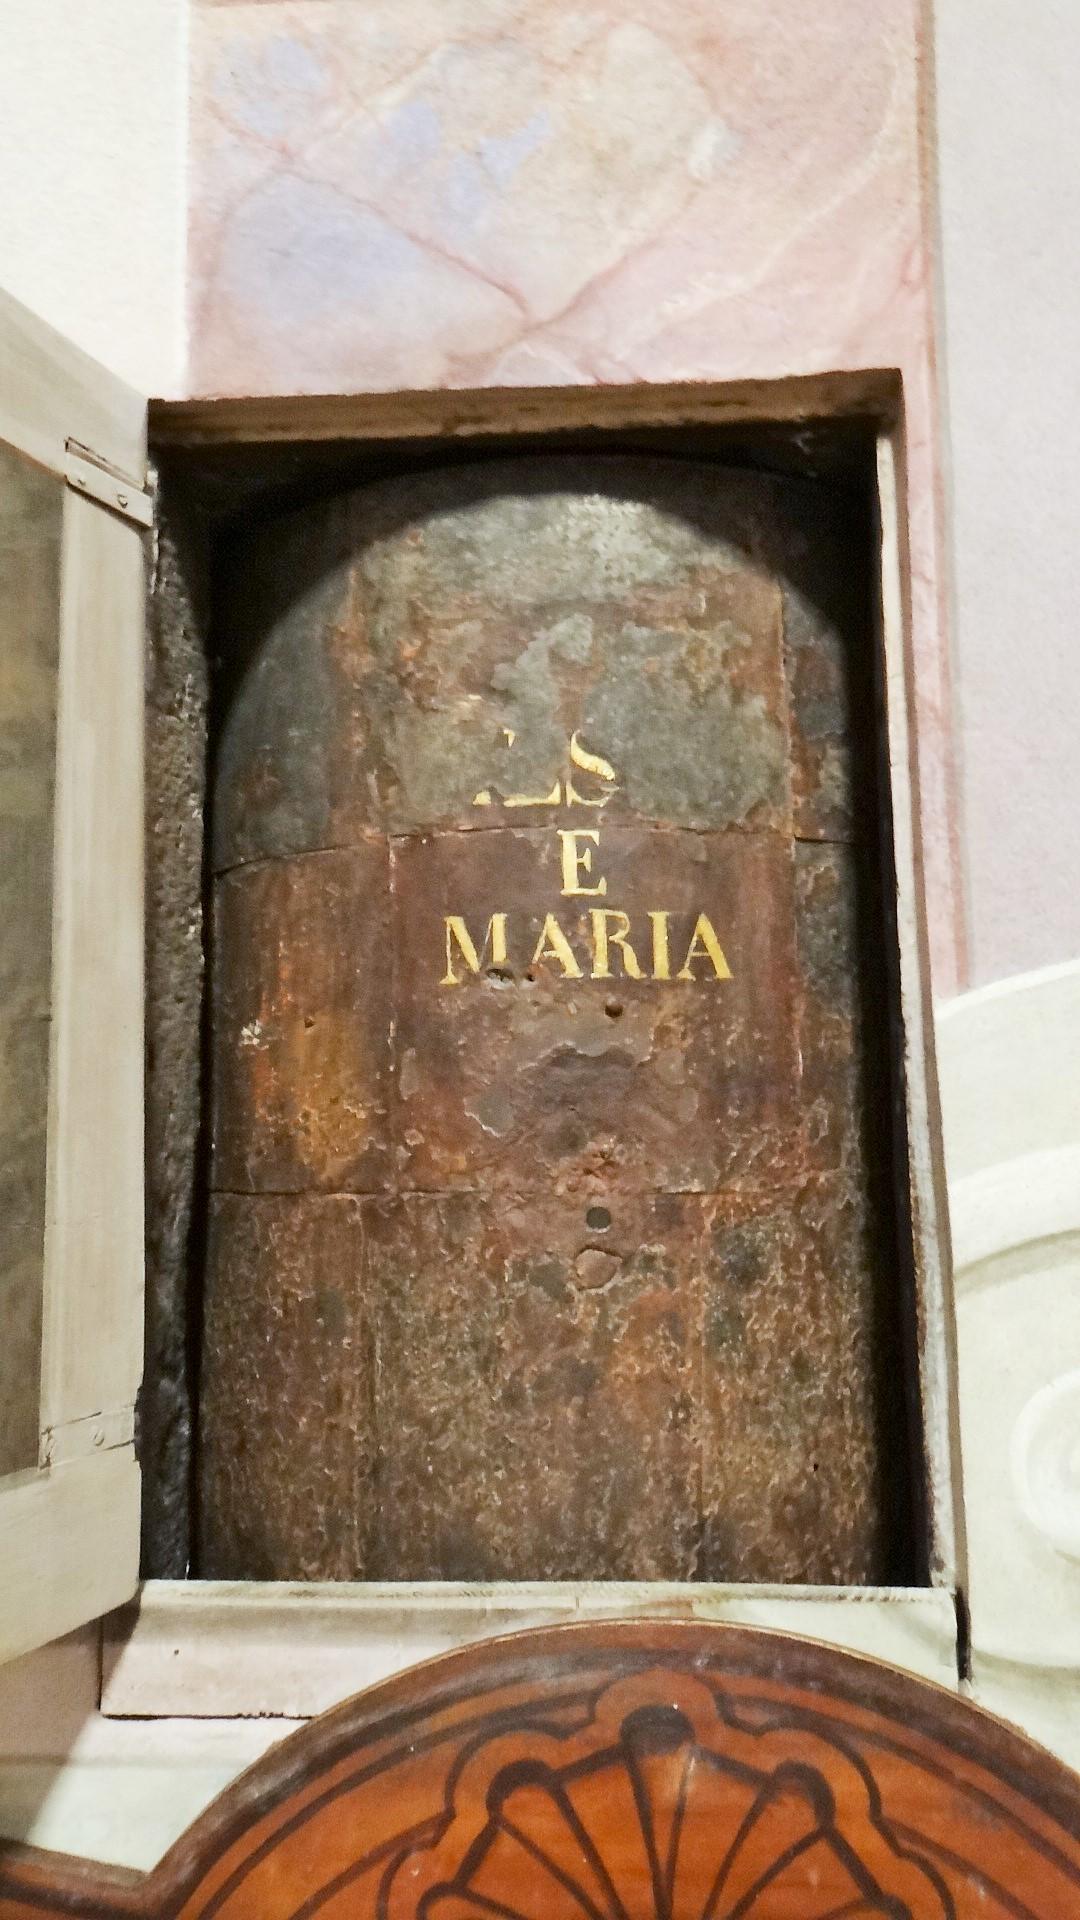 La cosiddetta ruota della Carità o Ruota degli esposti occupa un vano nel muro. Il manufatto che vediamo è realizzato in legno e cuoio e risale a un'epoca compresa tra Seicento e Settecento. Si trova nella Chiesa di Santa Maria della Carità, a Brescia.